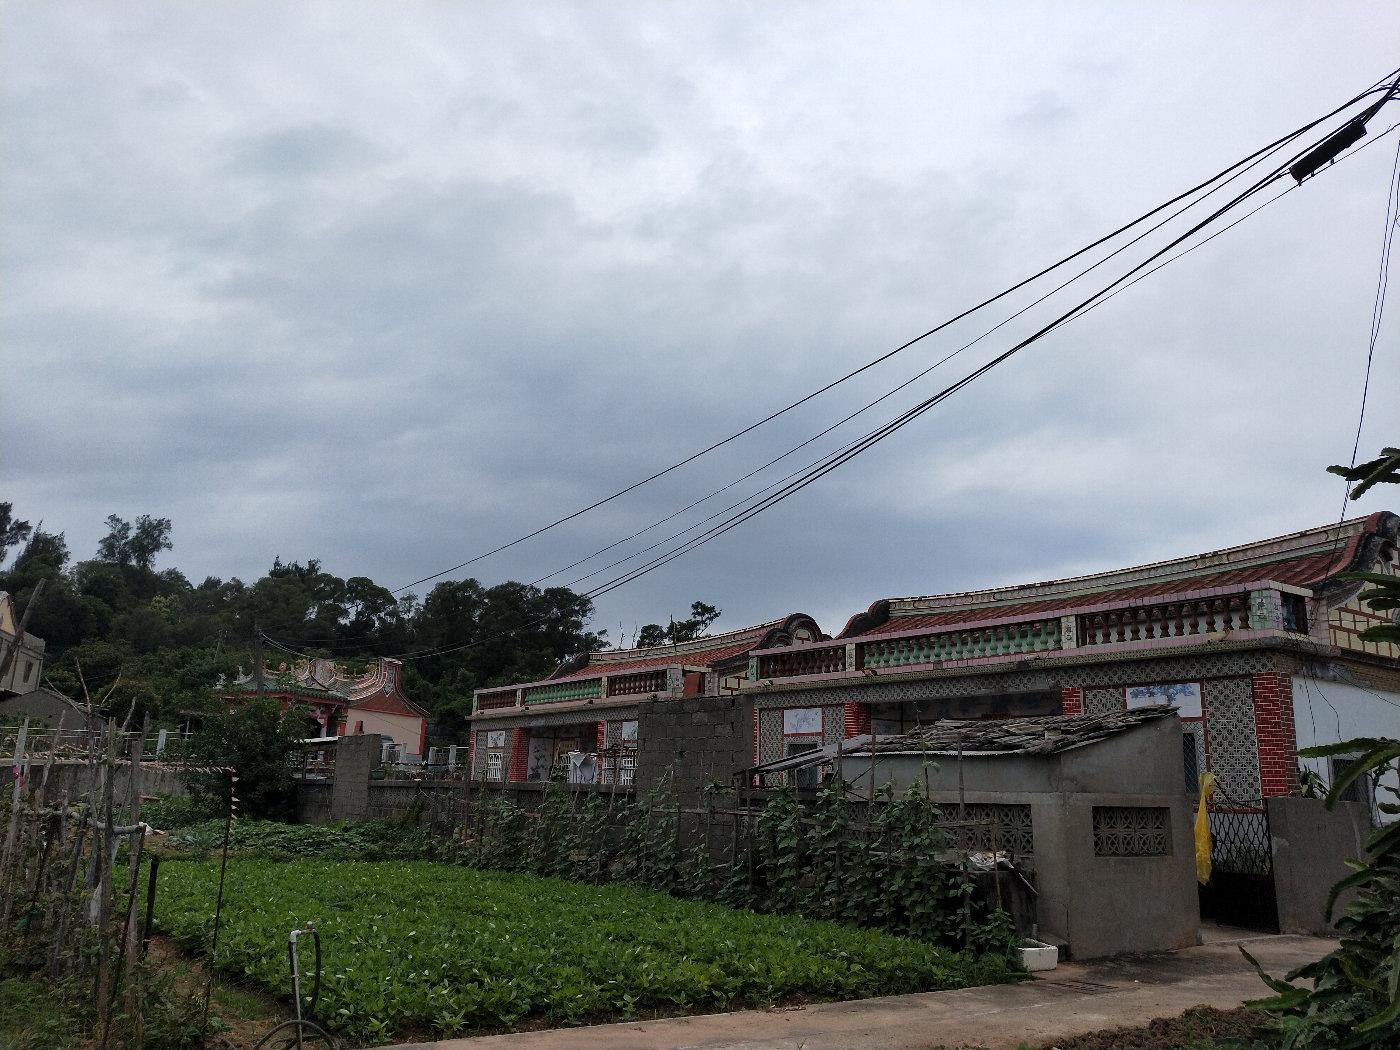 每天住在这样美美的房子里,在门前的菜地上种几样家人爱吃的蔬菜,神仙生活